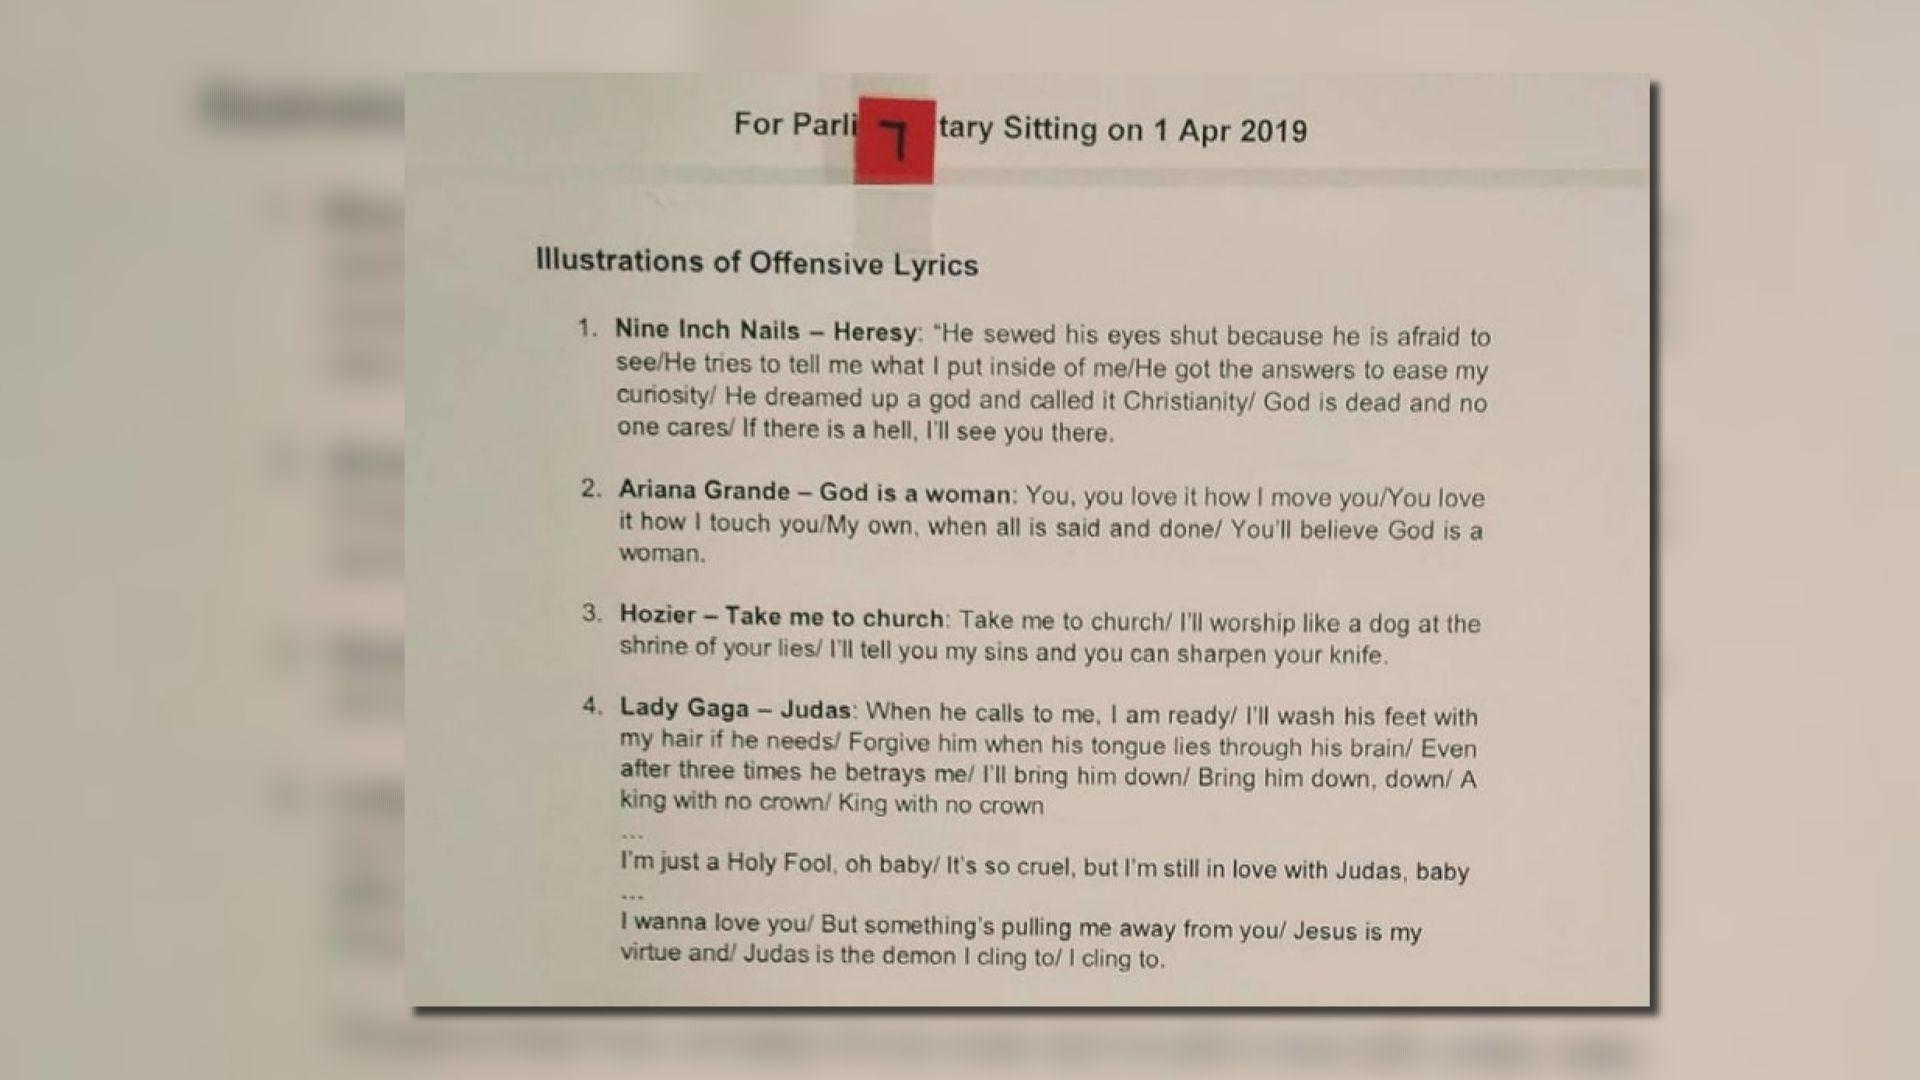 新加坡列出具冒犯性歌詞名單